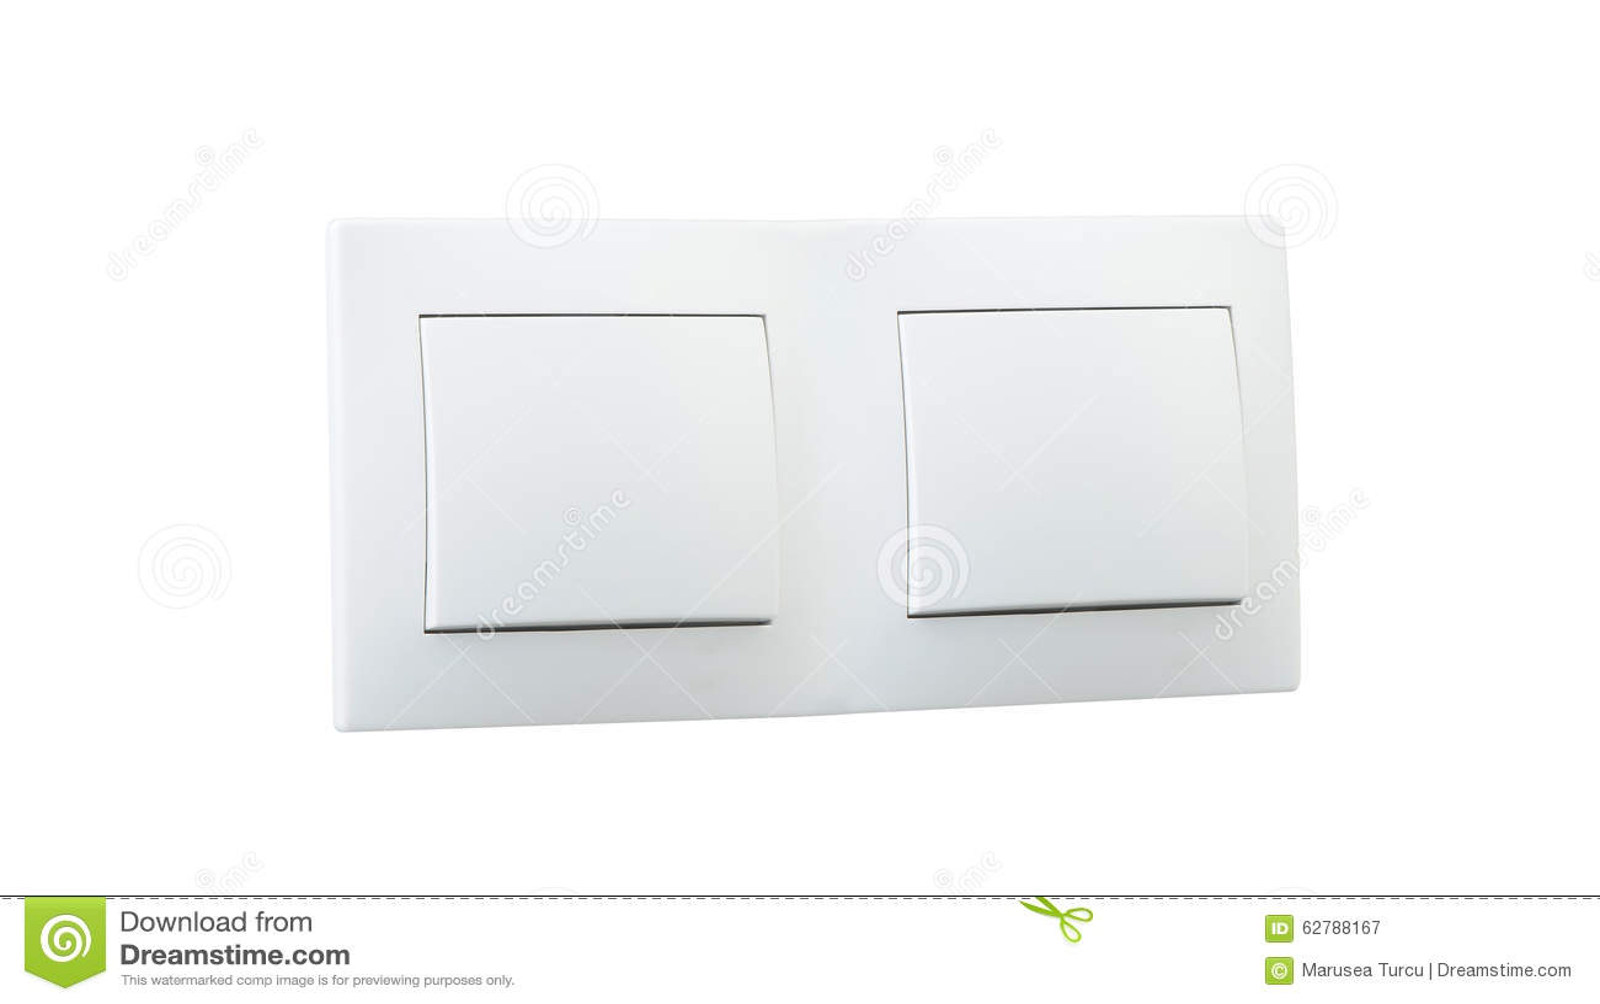 Nett Doppel Lichtschalter Installieren Ideen - Schaltplan Serie ...